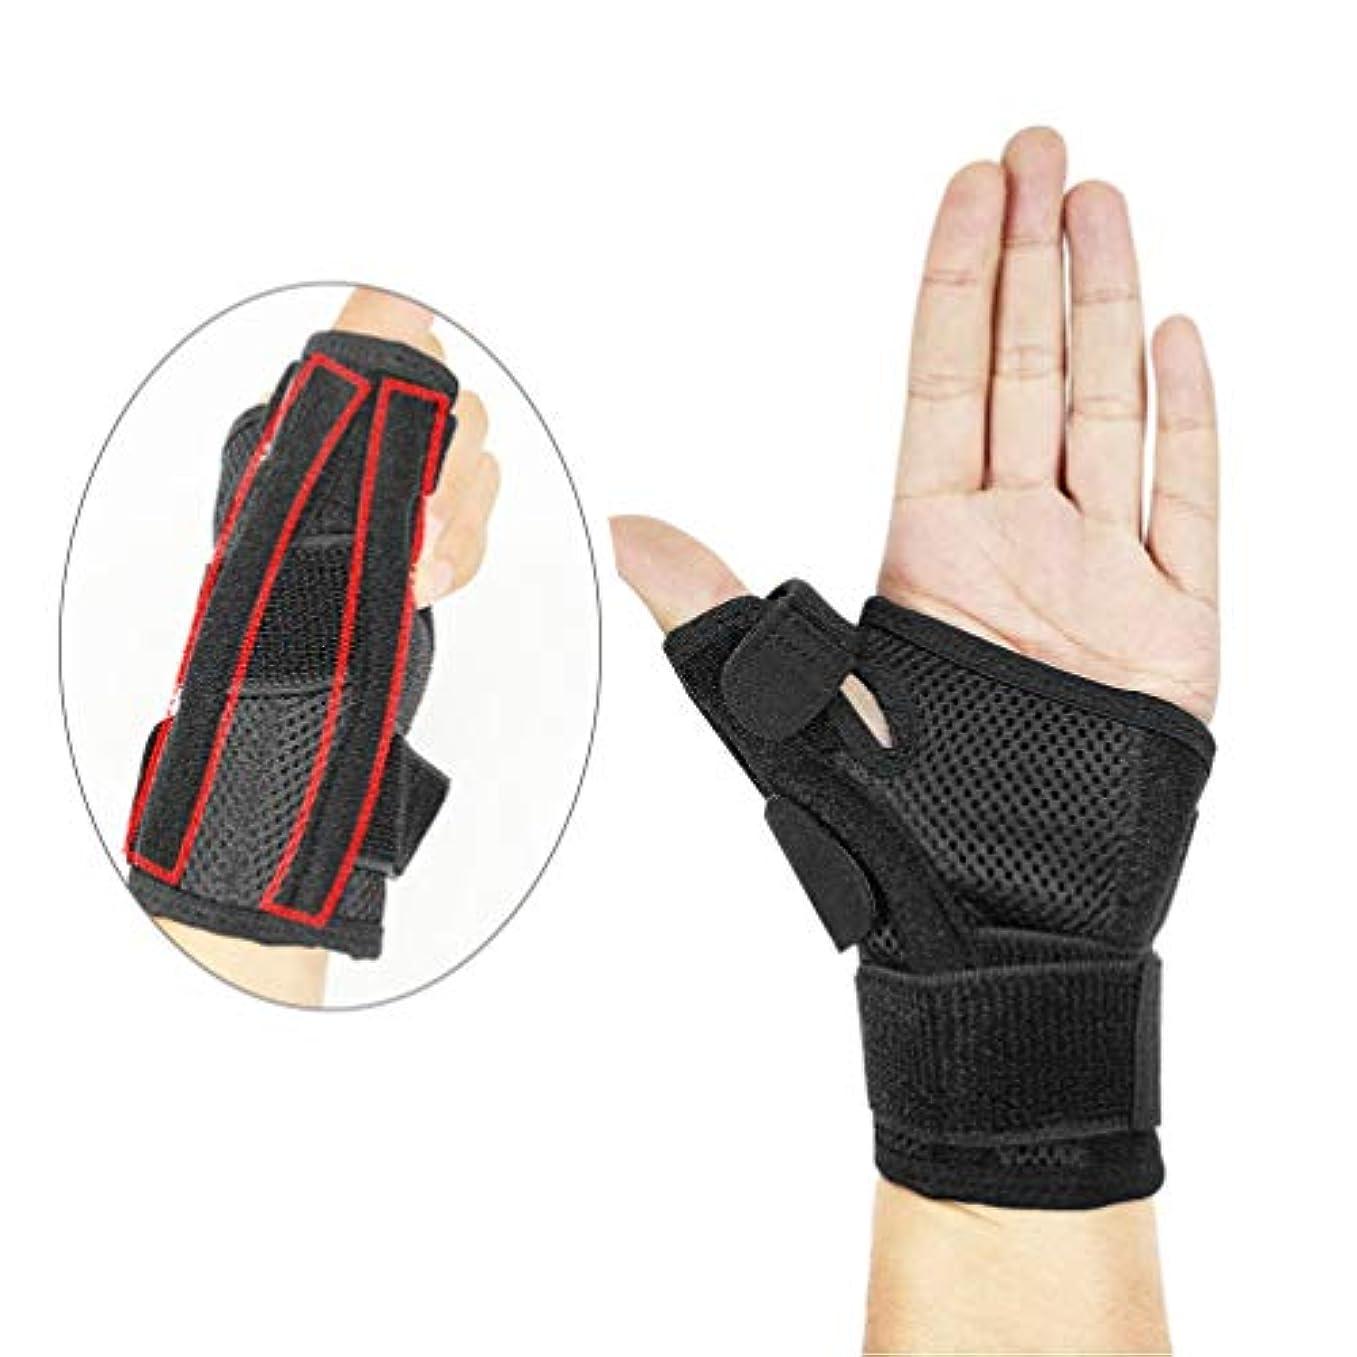 賢い観察する少ないHeallily 手首の圧縮手首のトンネルの苦痛救助、関節炎、腱炎のための1つの手首の圧縮の袖の調節可能な手首の支柱の保護装置